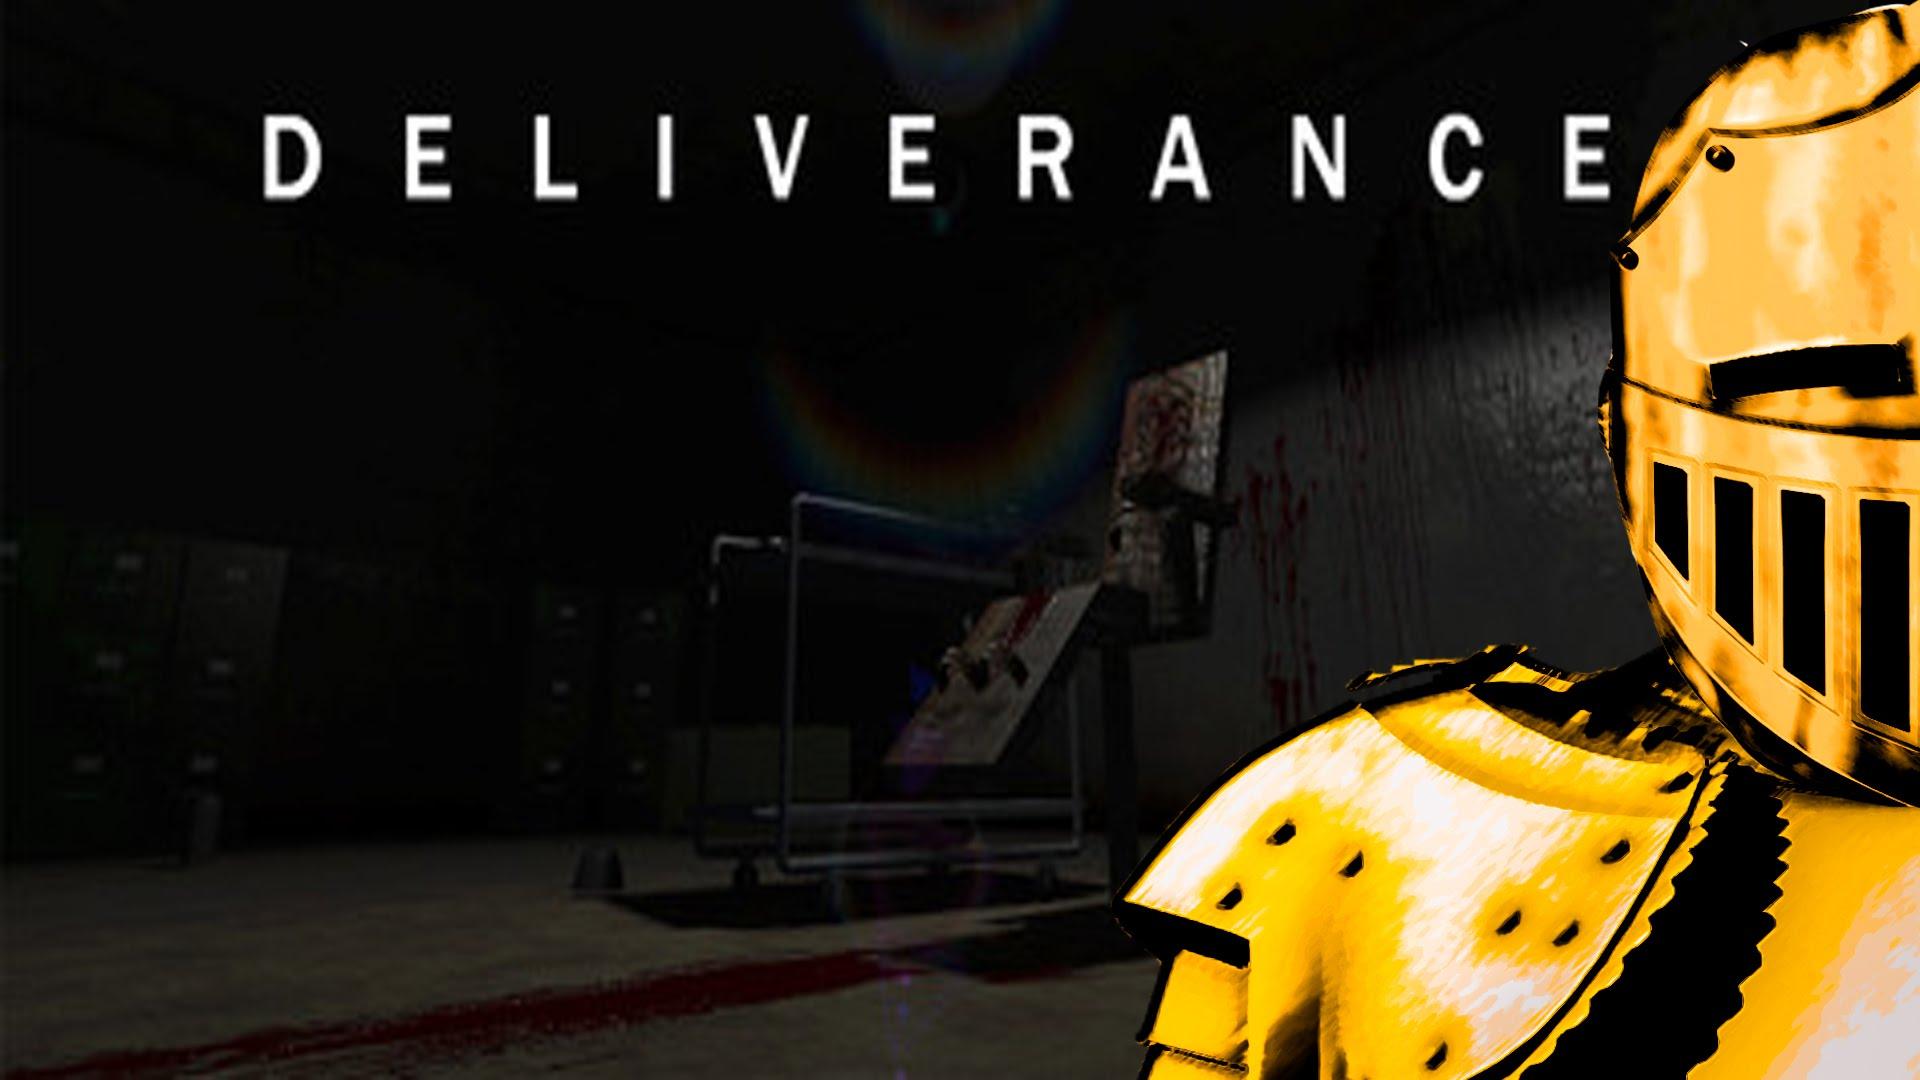 Deliverance wallpaper 1